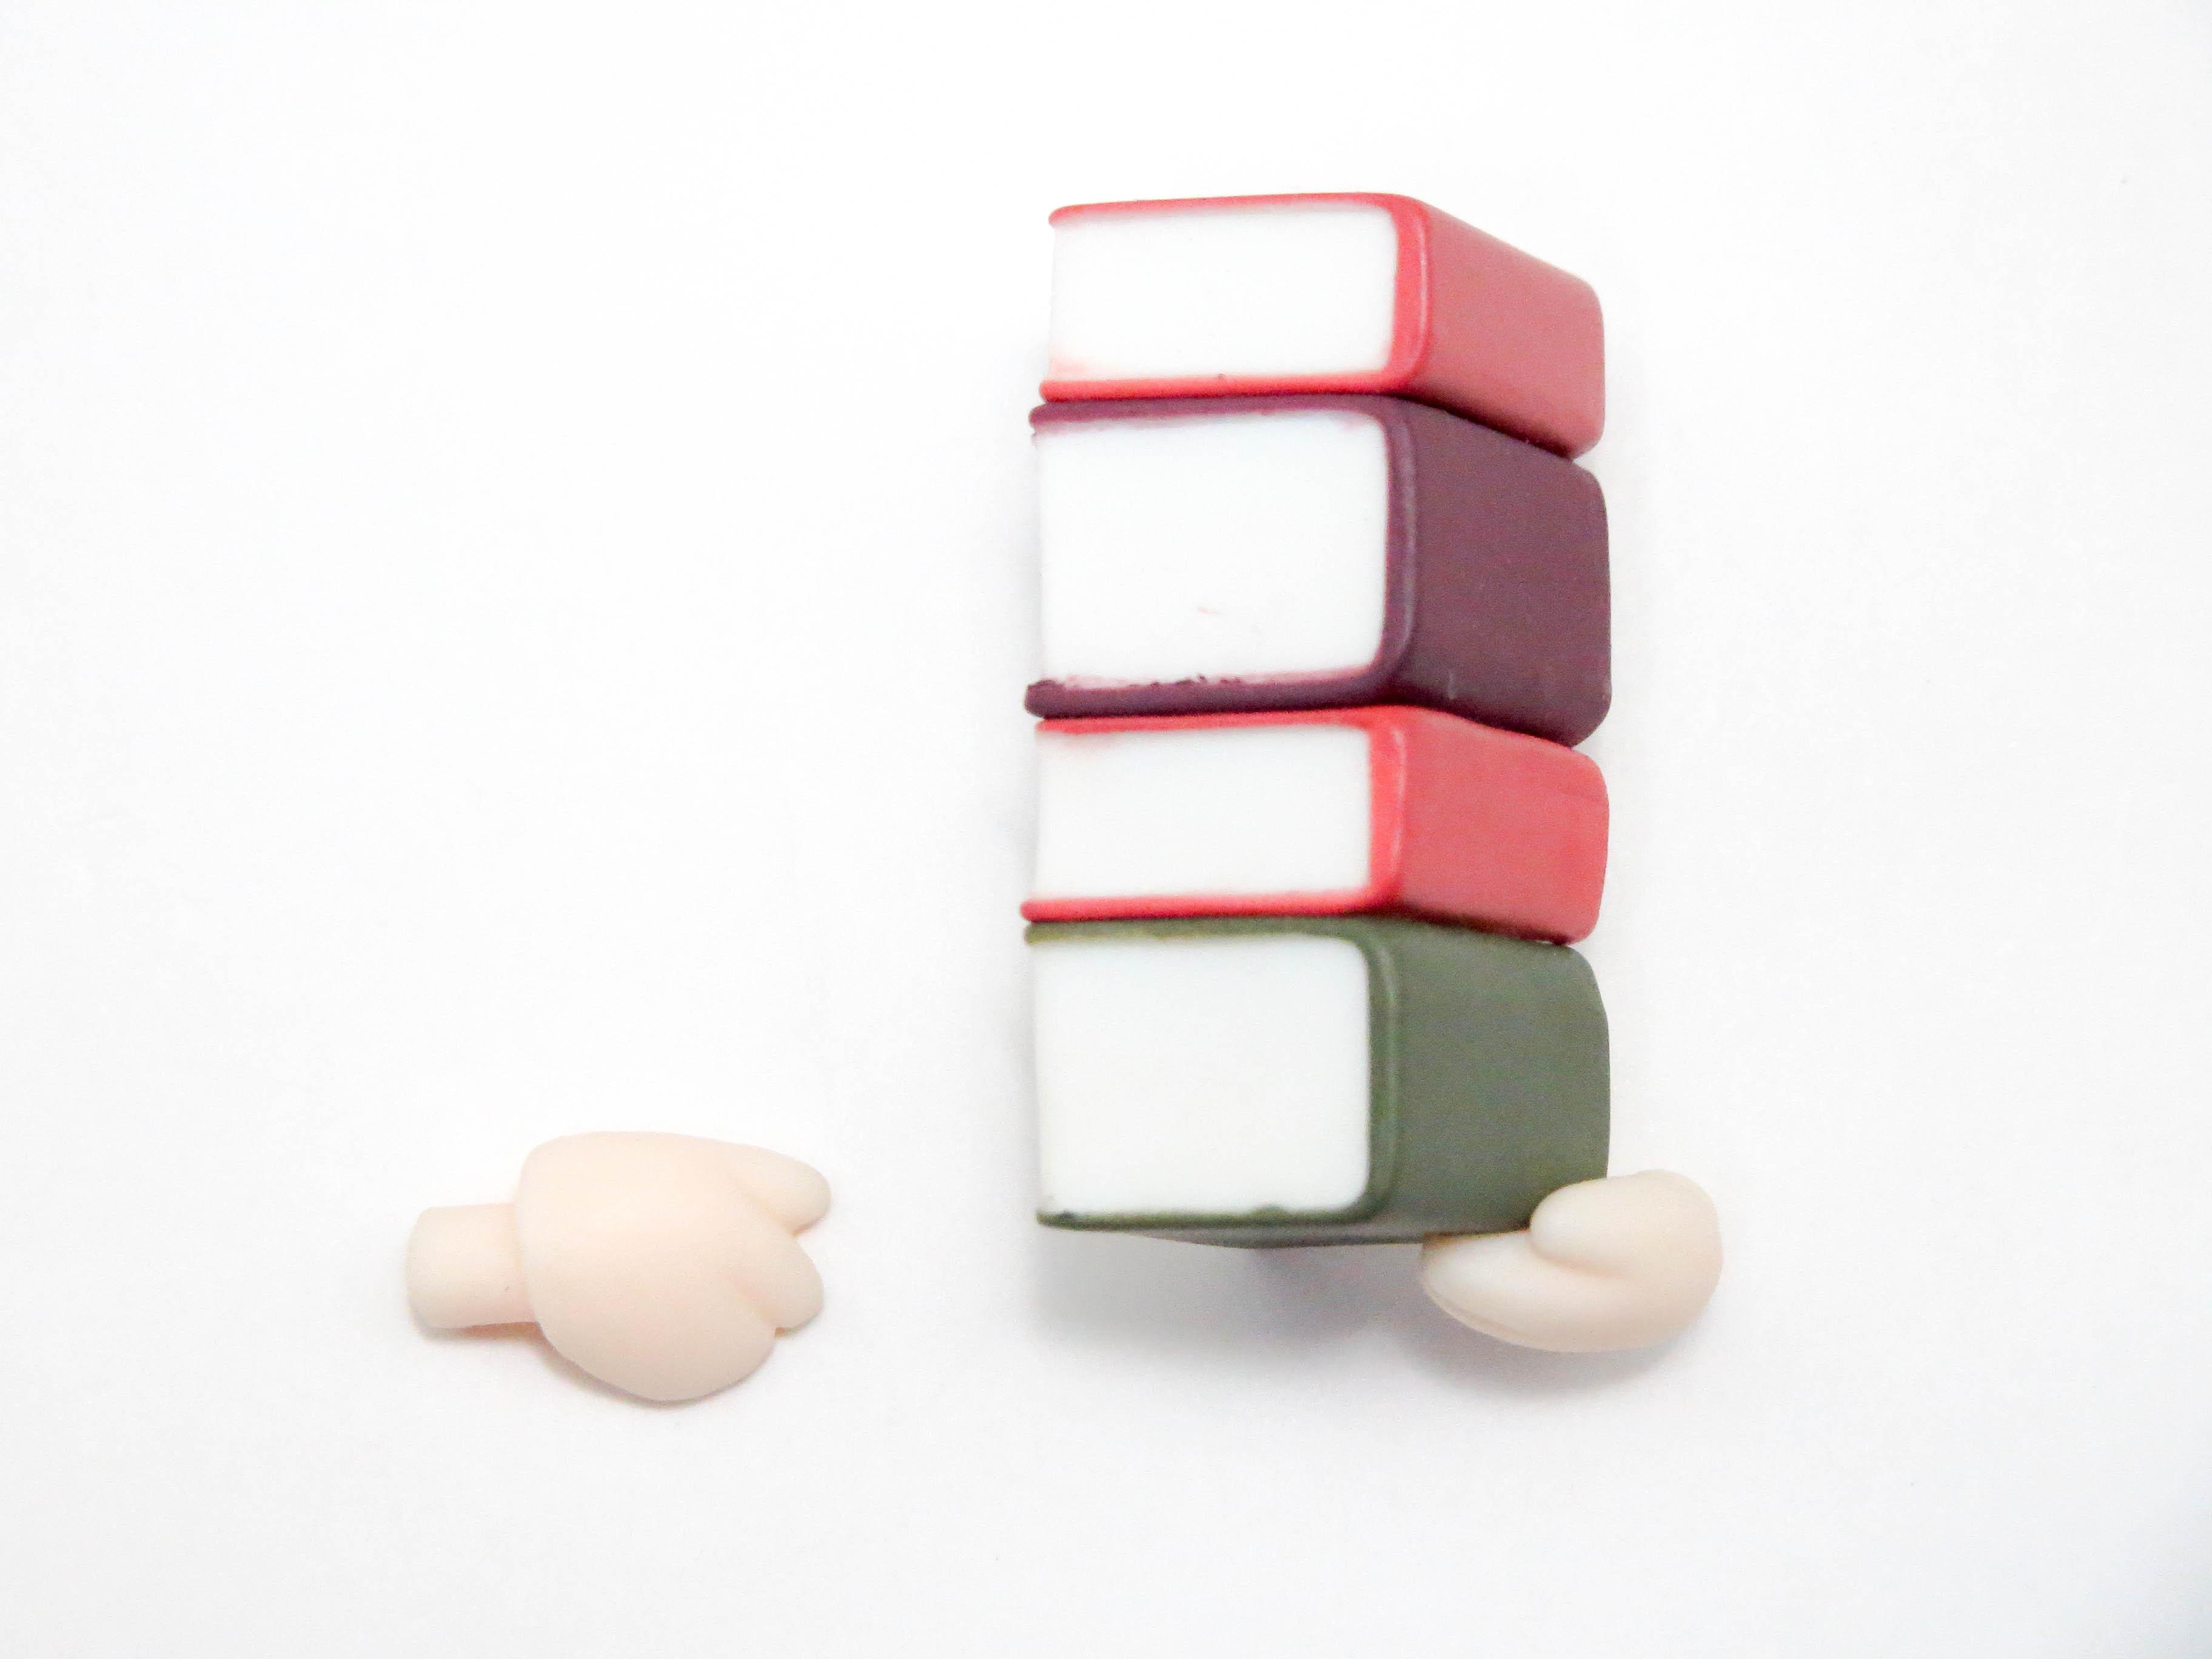 再入荷【262】 リコッタ・エルマール 小物パーツ 重ねた本 ねんどろいど